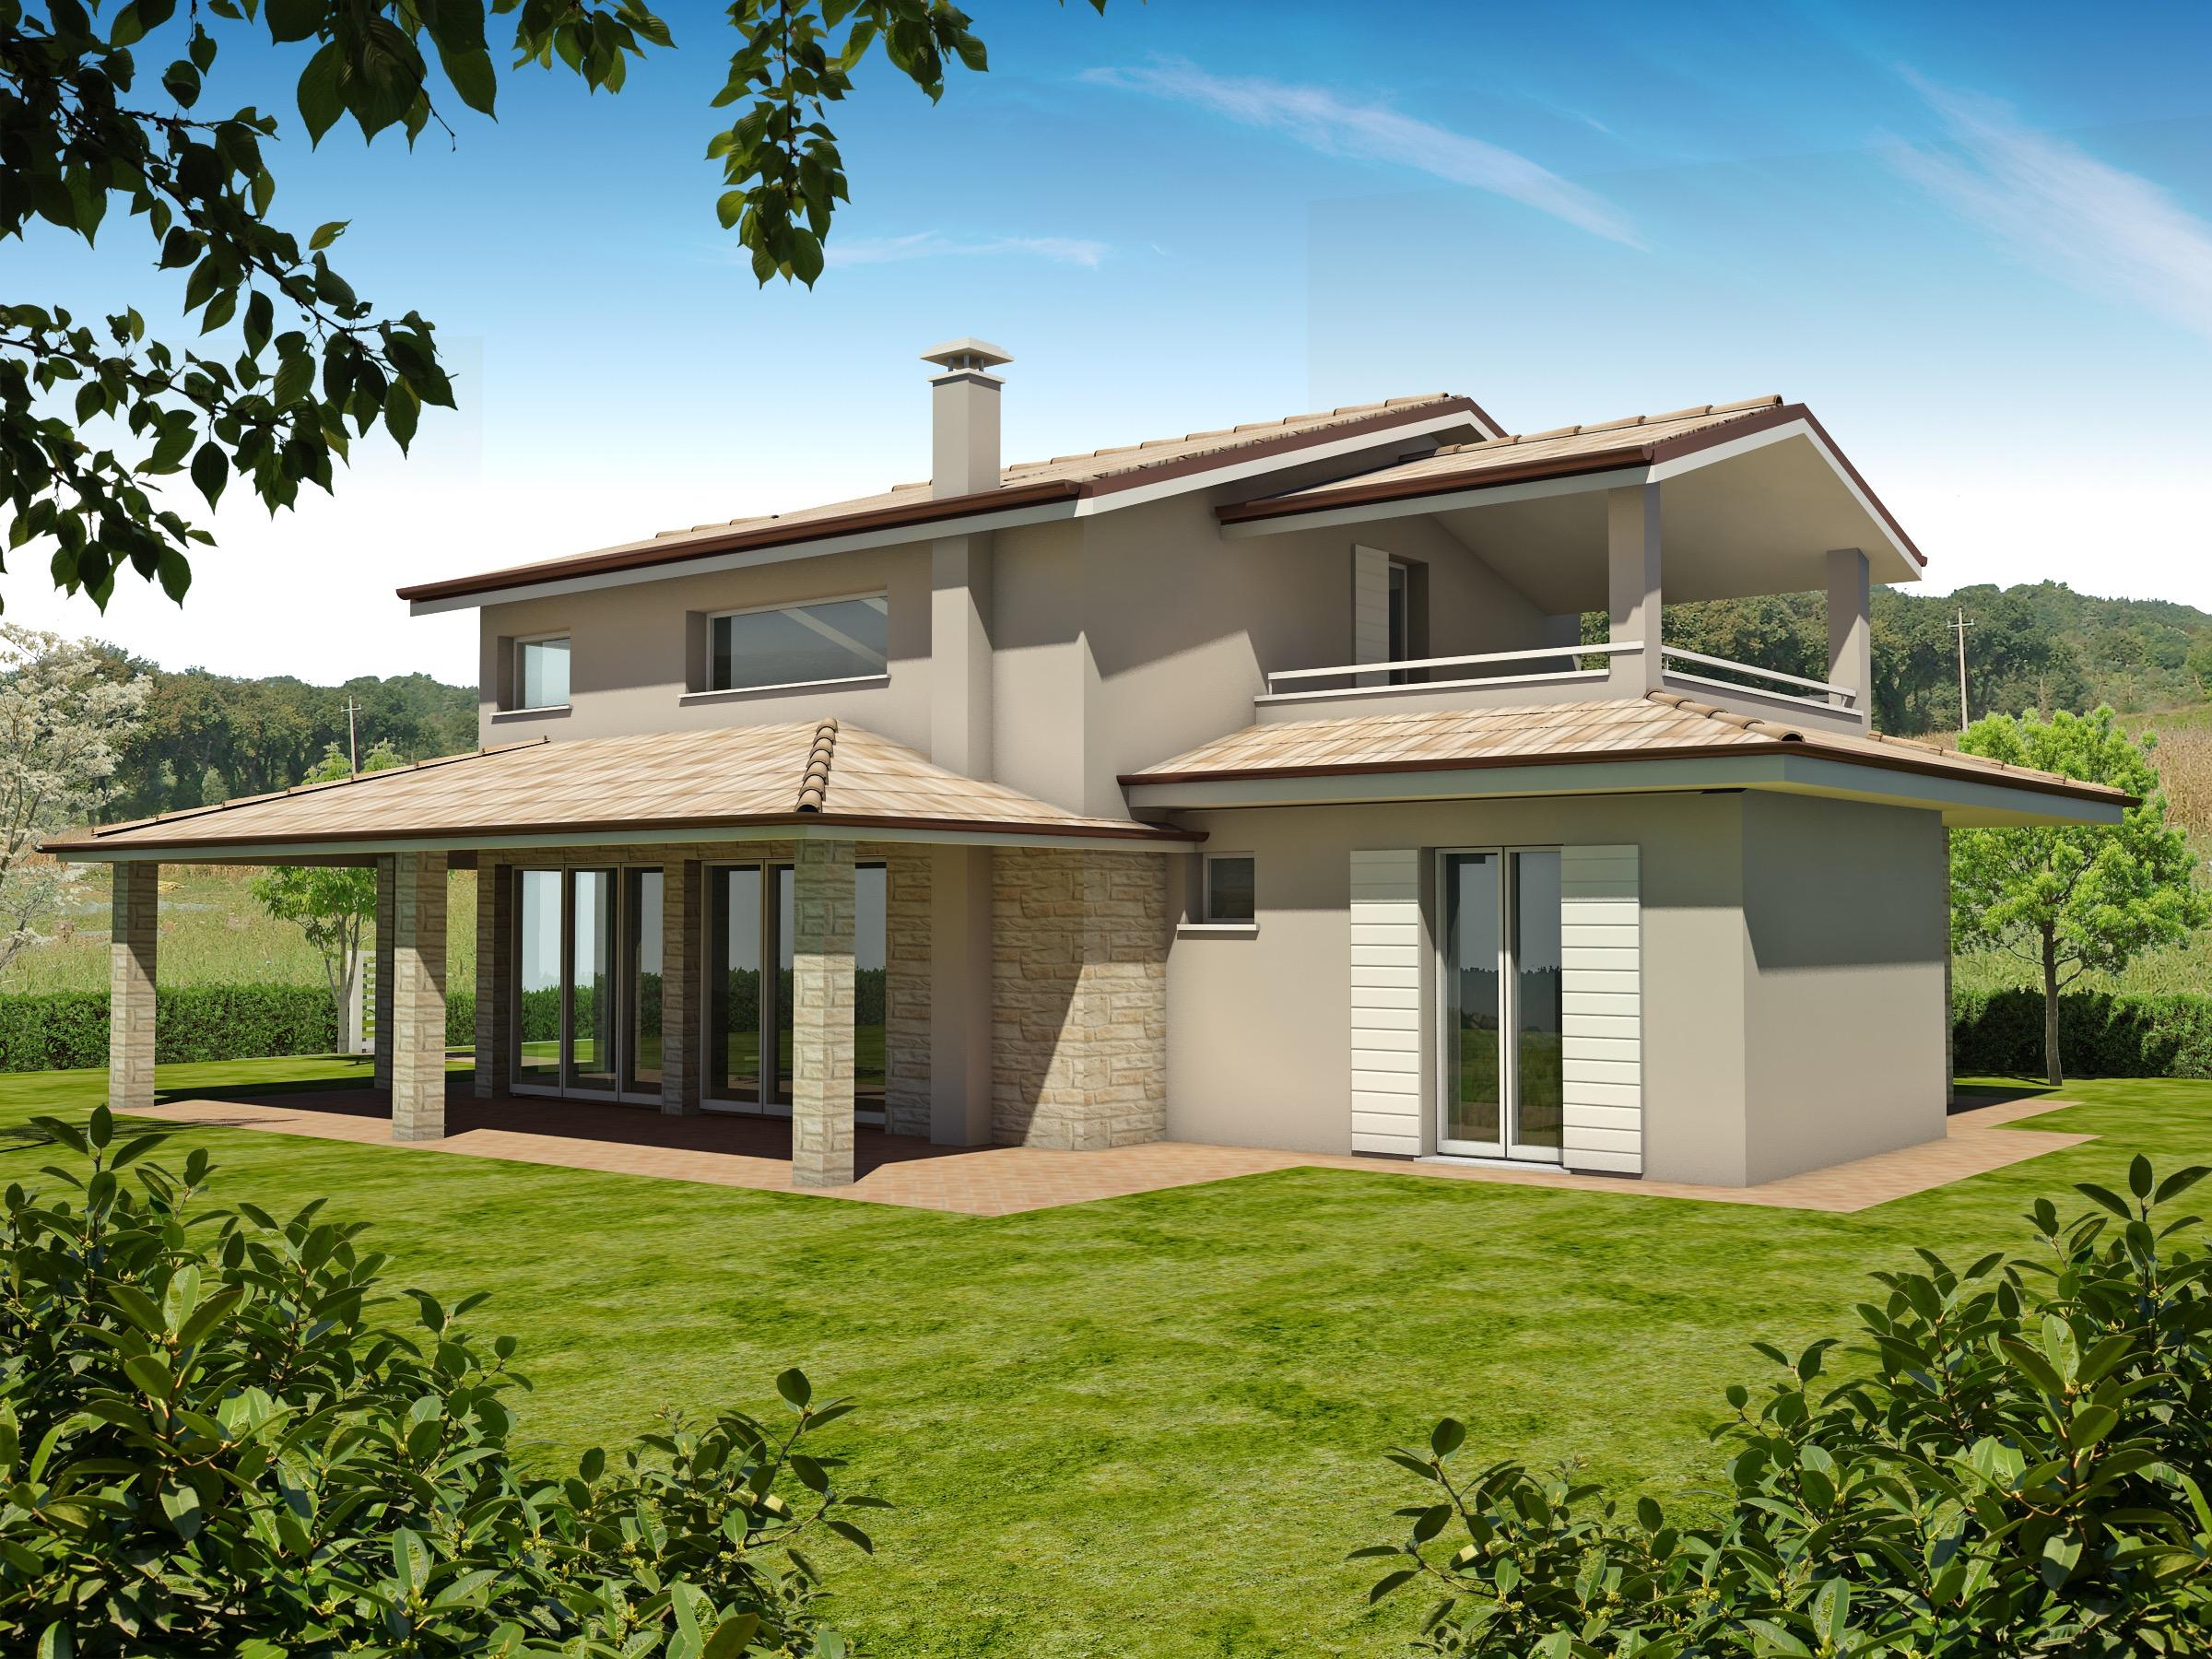 Elegant quanto costa una casa in legno solo euro la for Costo per costruire la propria casa